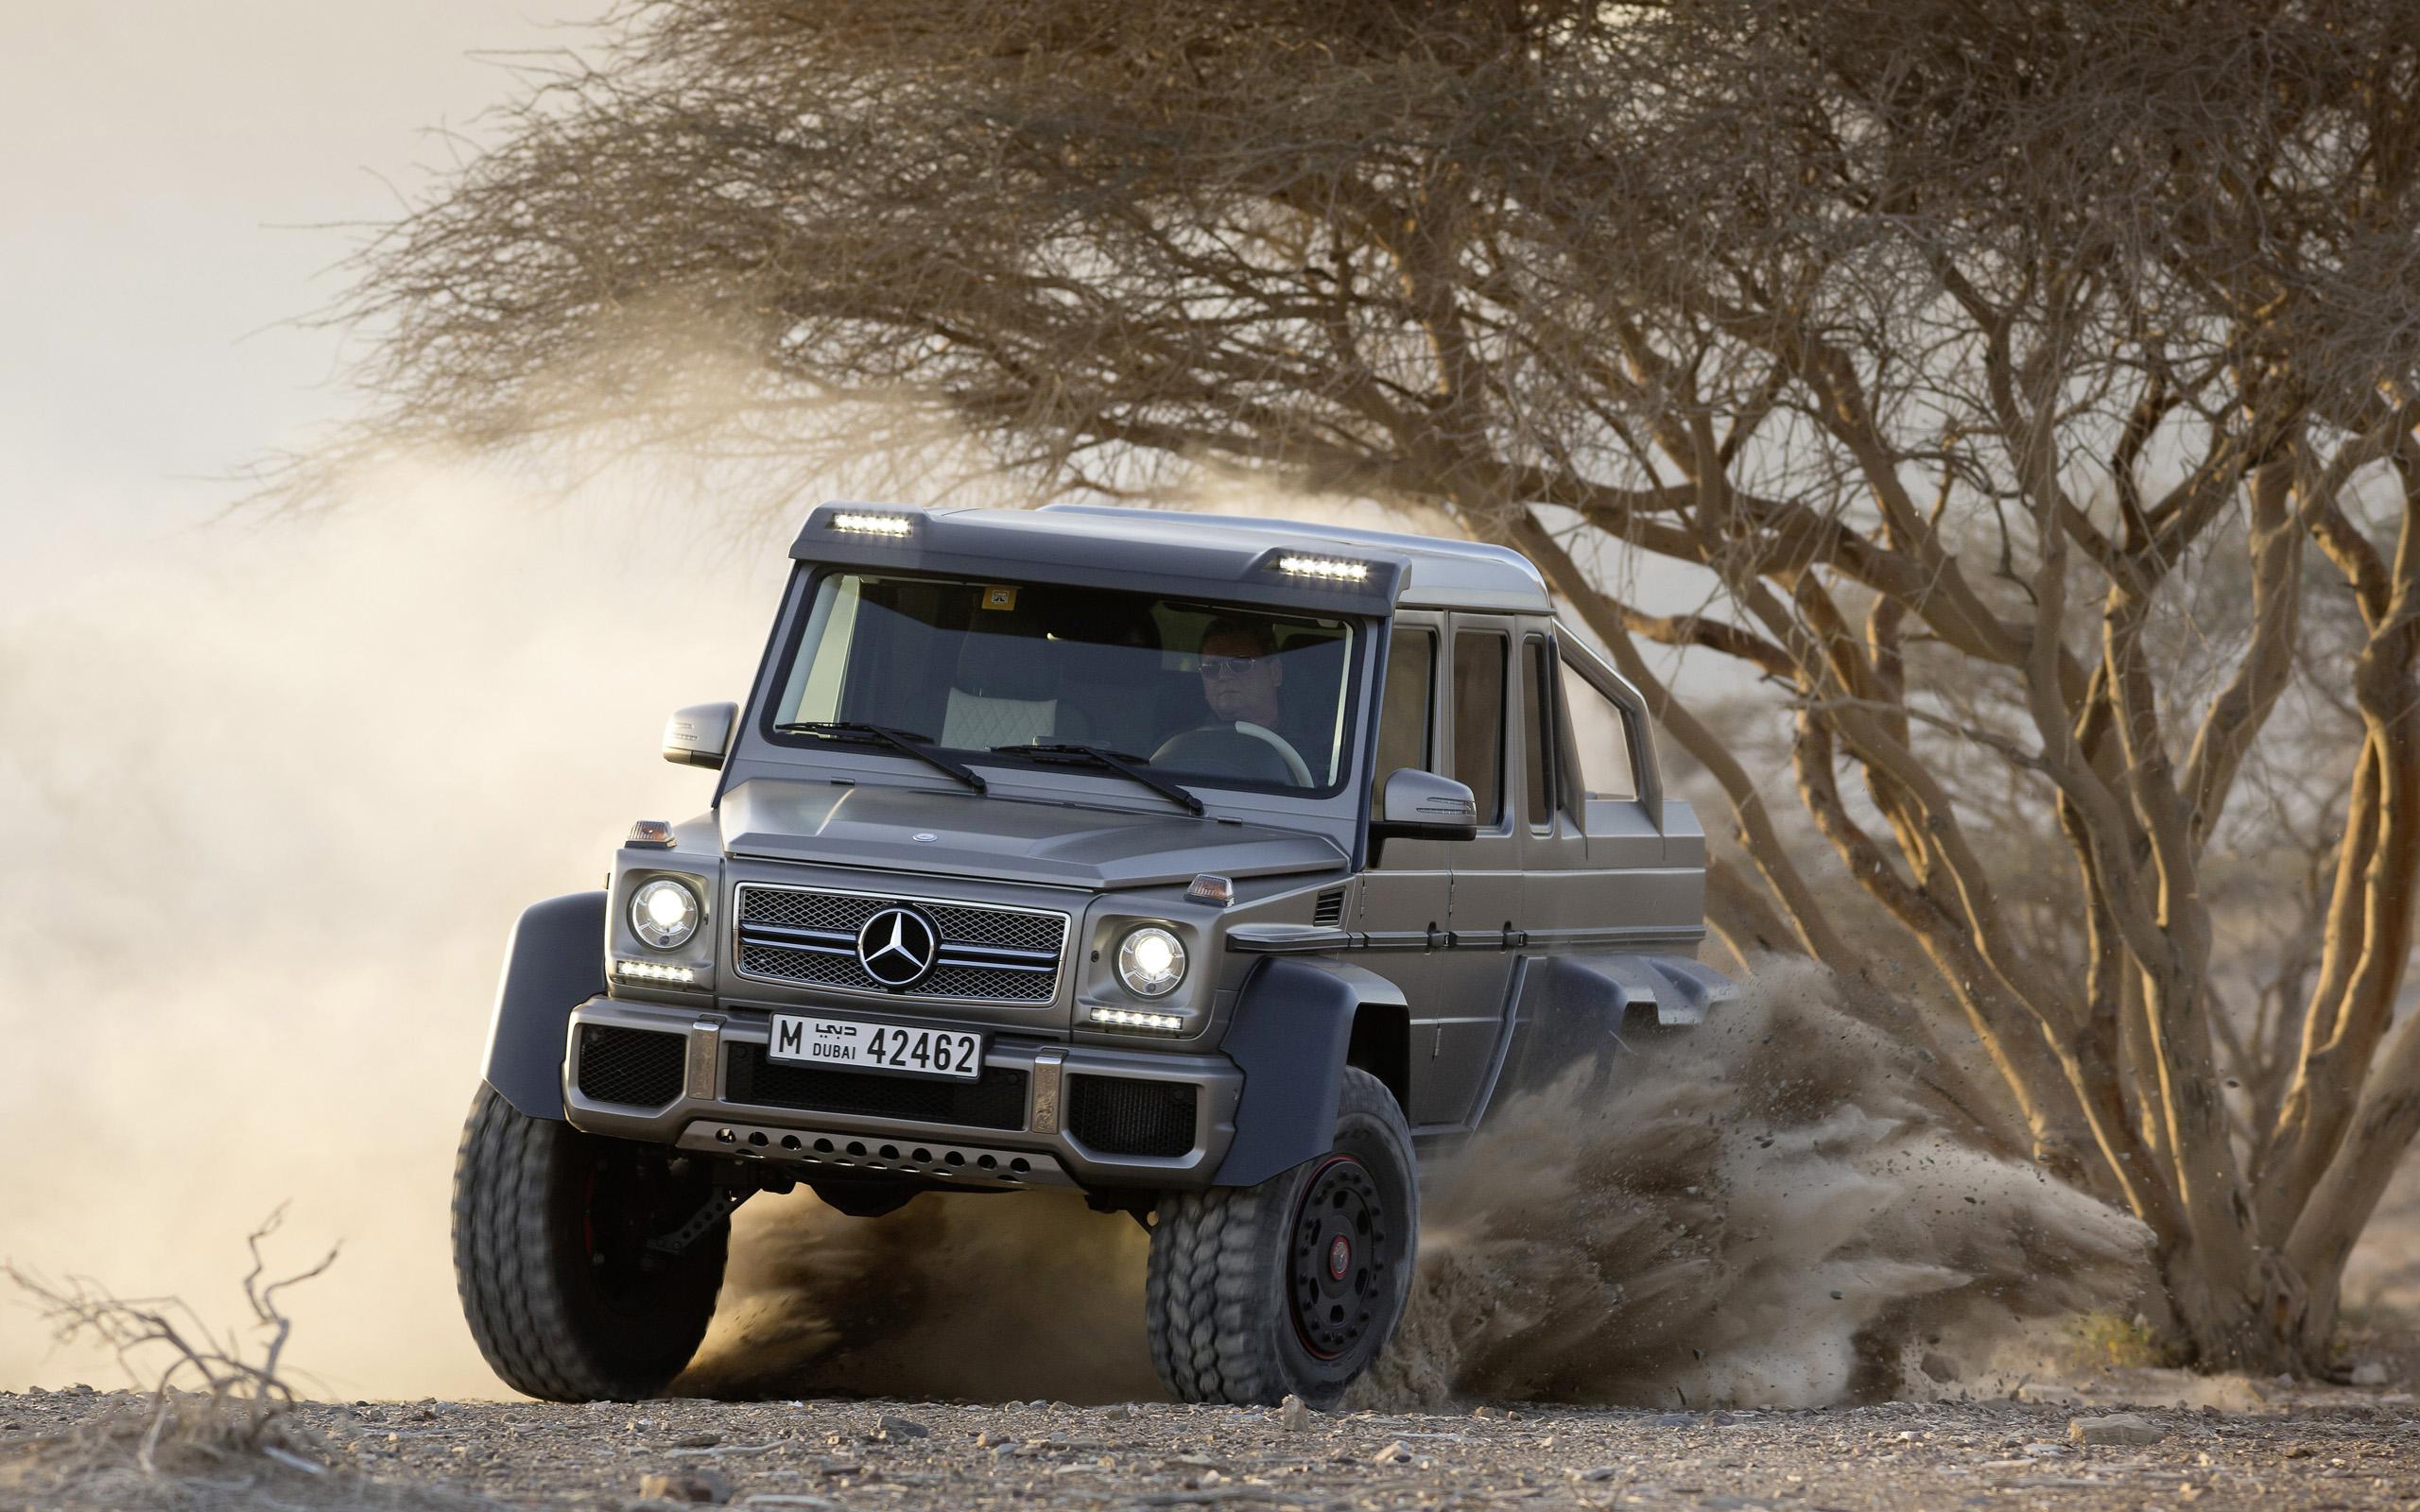 Mercedes G63 Amg 6x6 2013 Papel De Parede Hd Plano De Fundo 2560x1600 Id 893032 Wallpaper Abyss